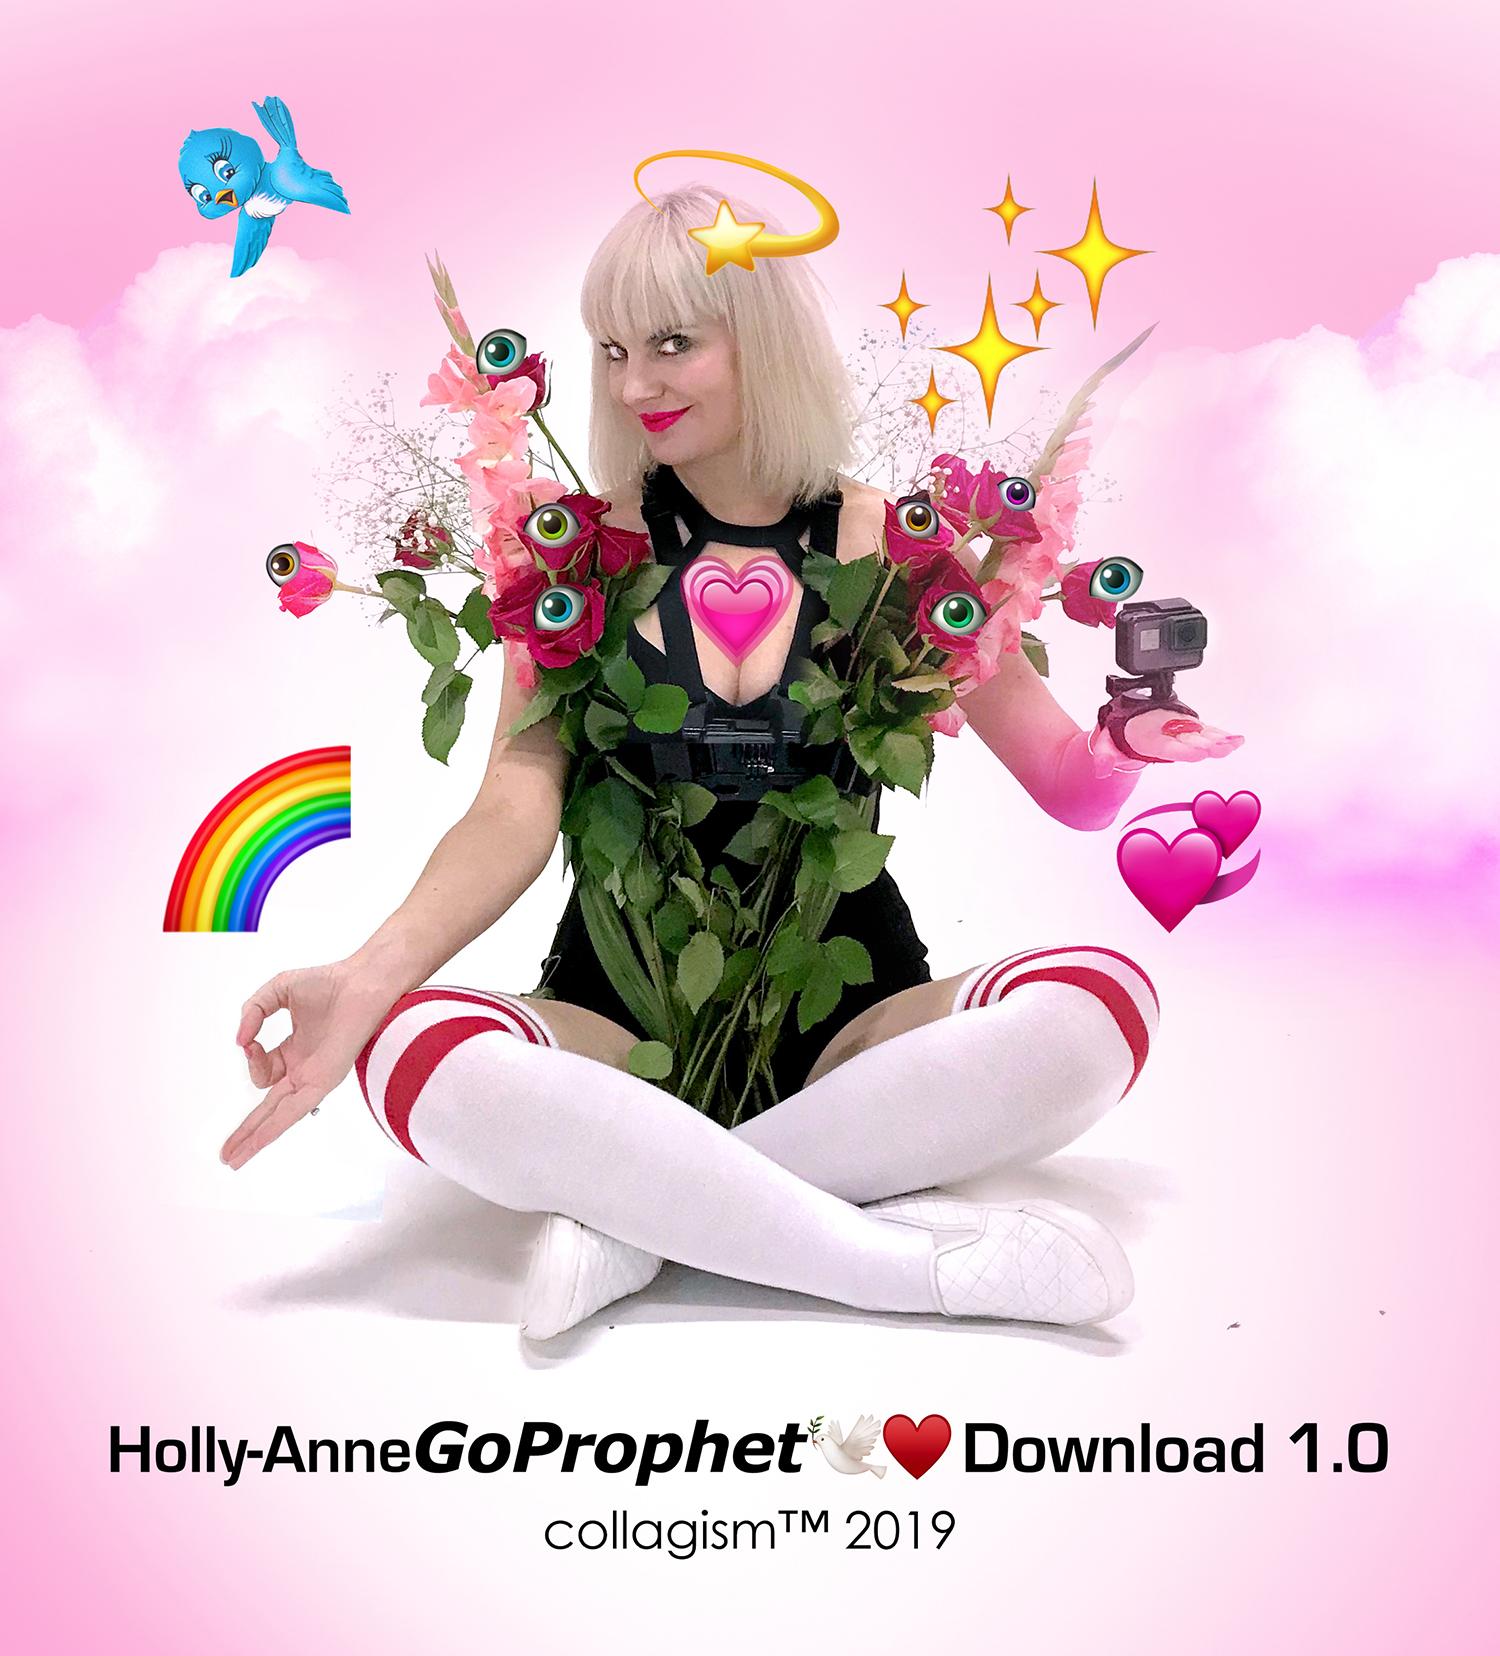 Holly-AnneGoProphet(Heart emoji)(Dove emoji) Download 1.0 official artwork